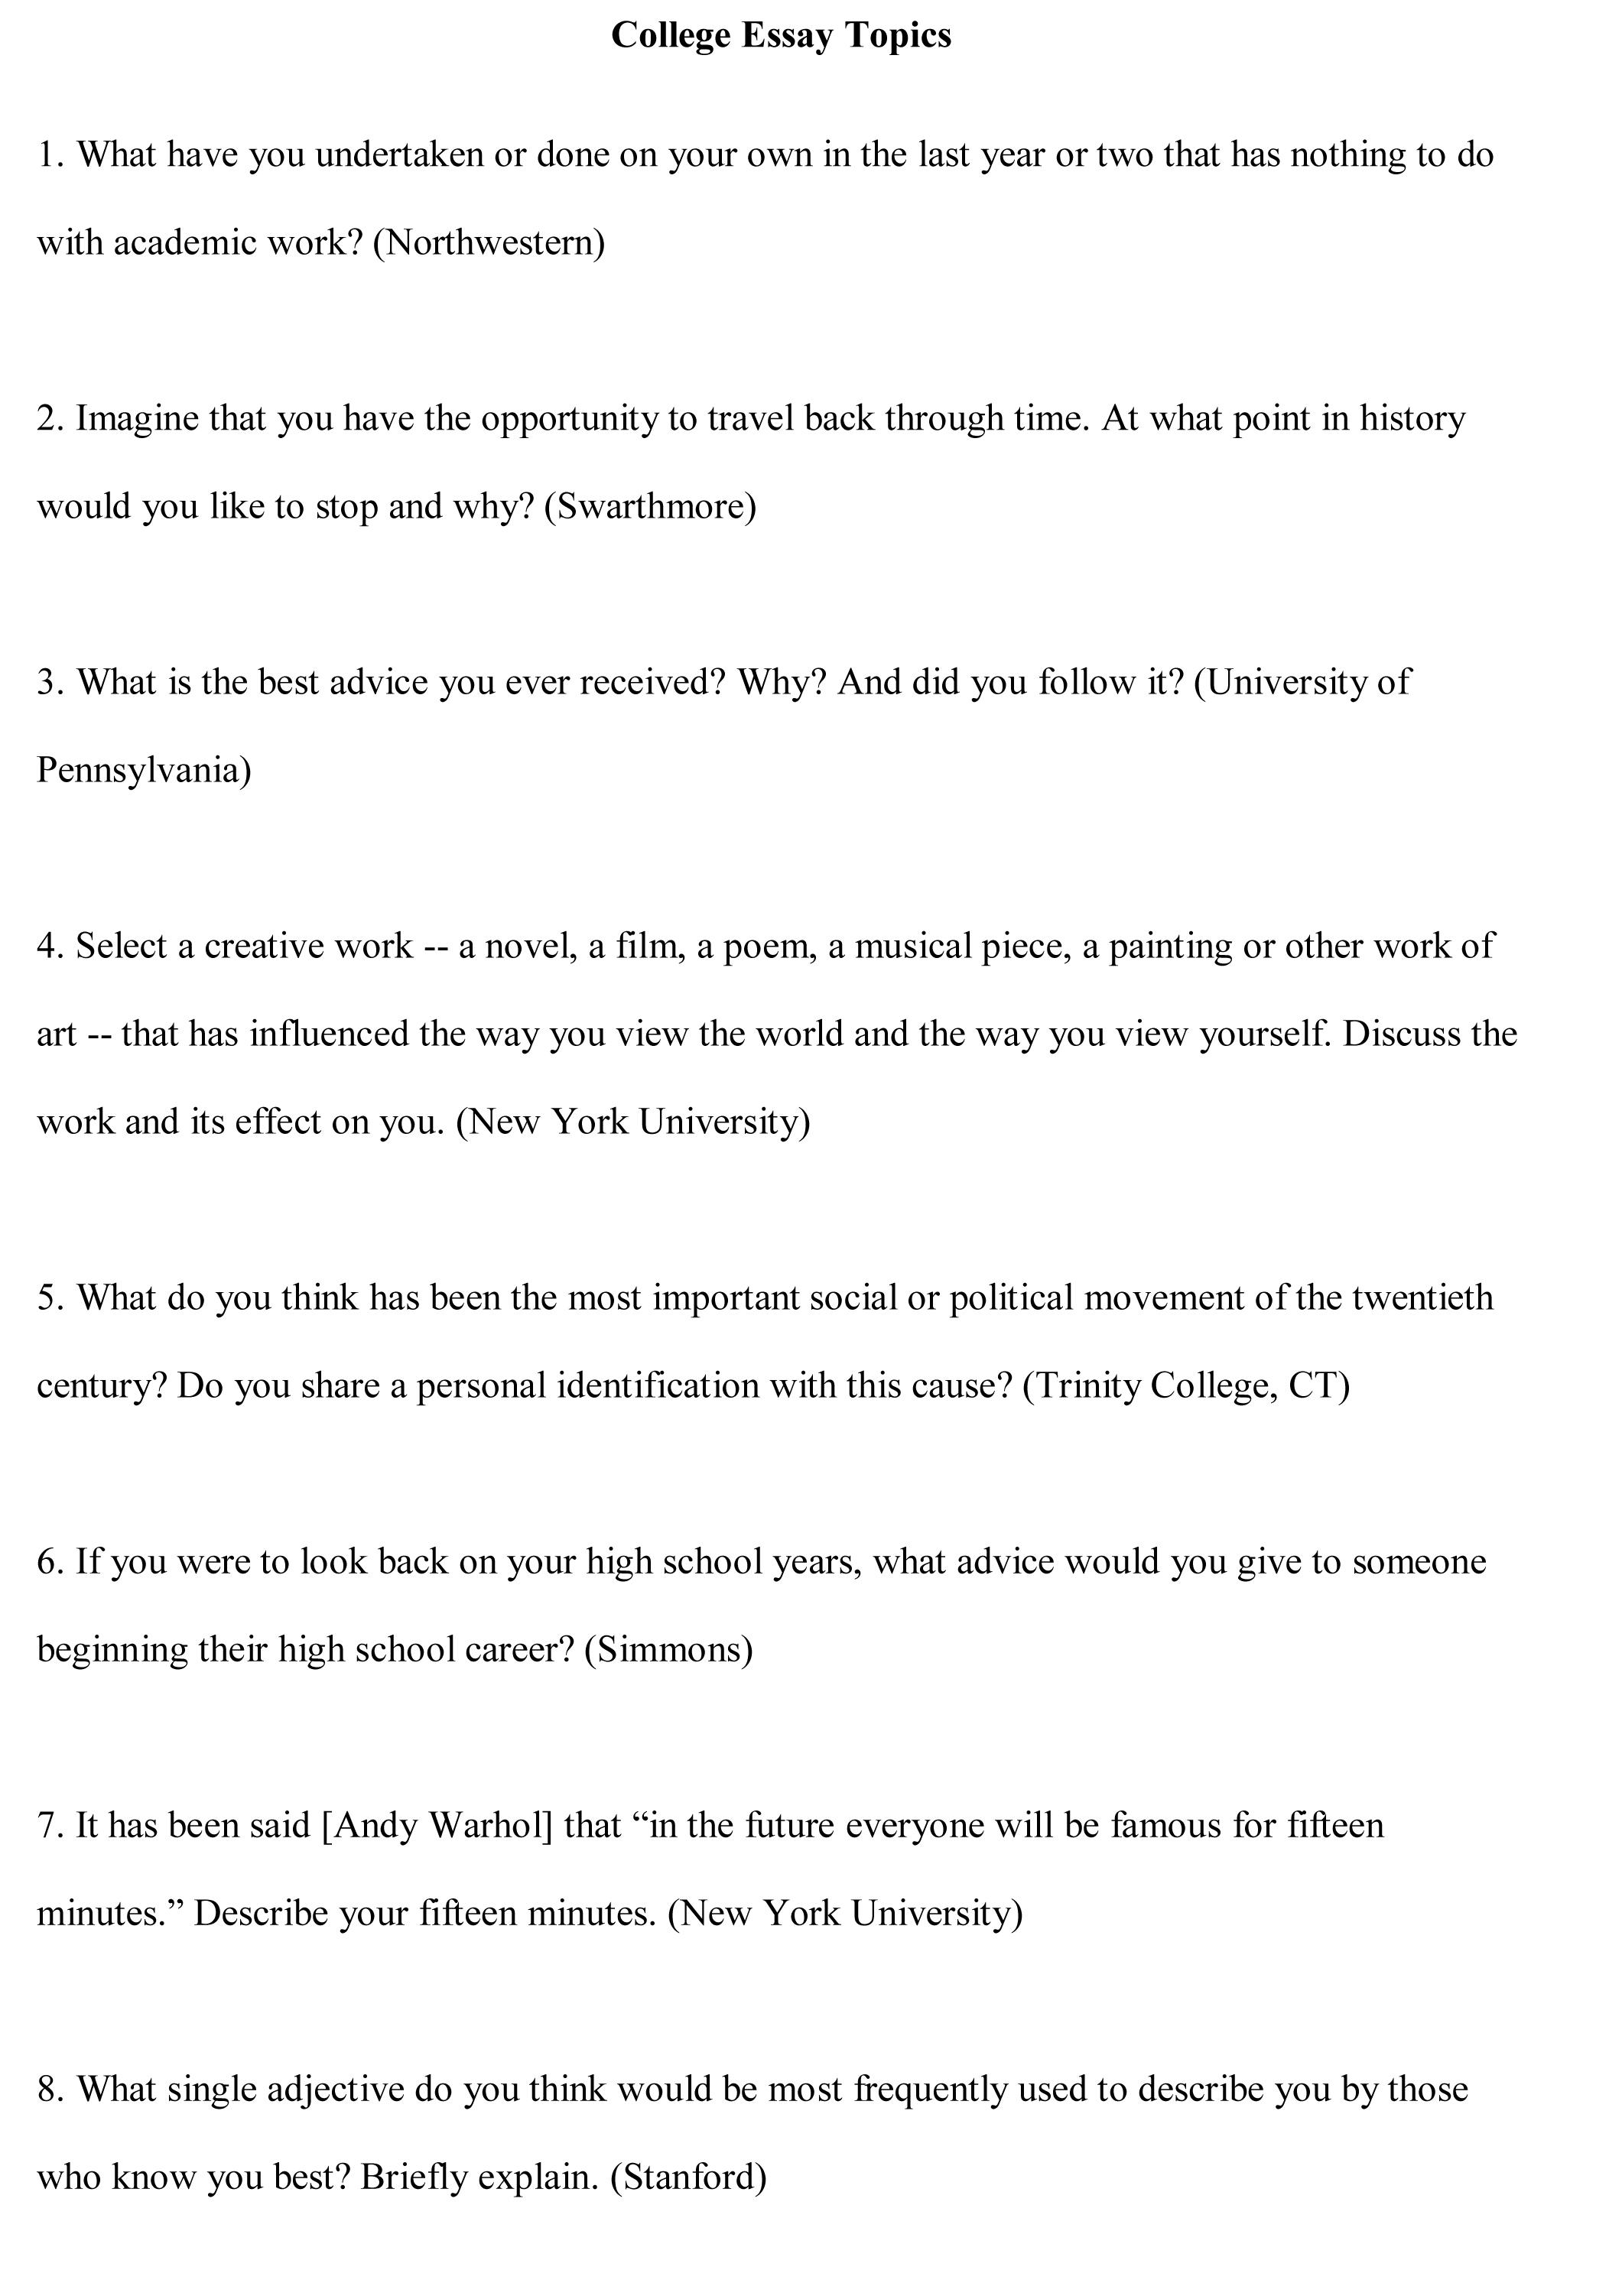 023 Narrative Essay Examples High School Example College Topics Free Unique Personal Pdf Full